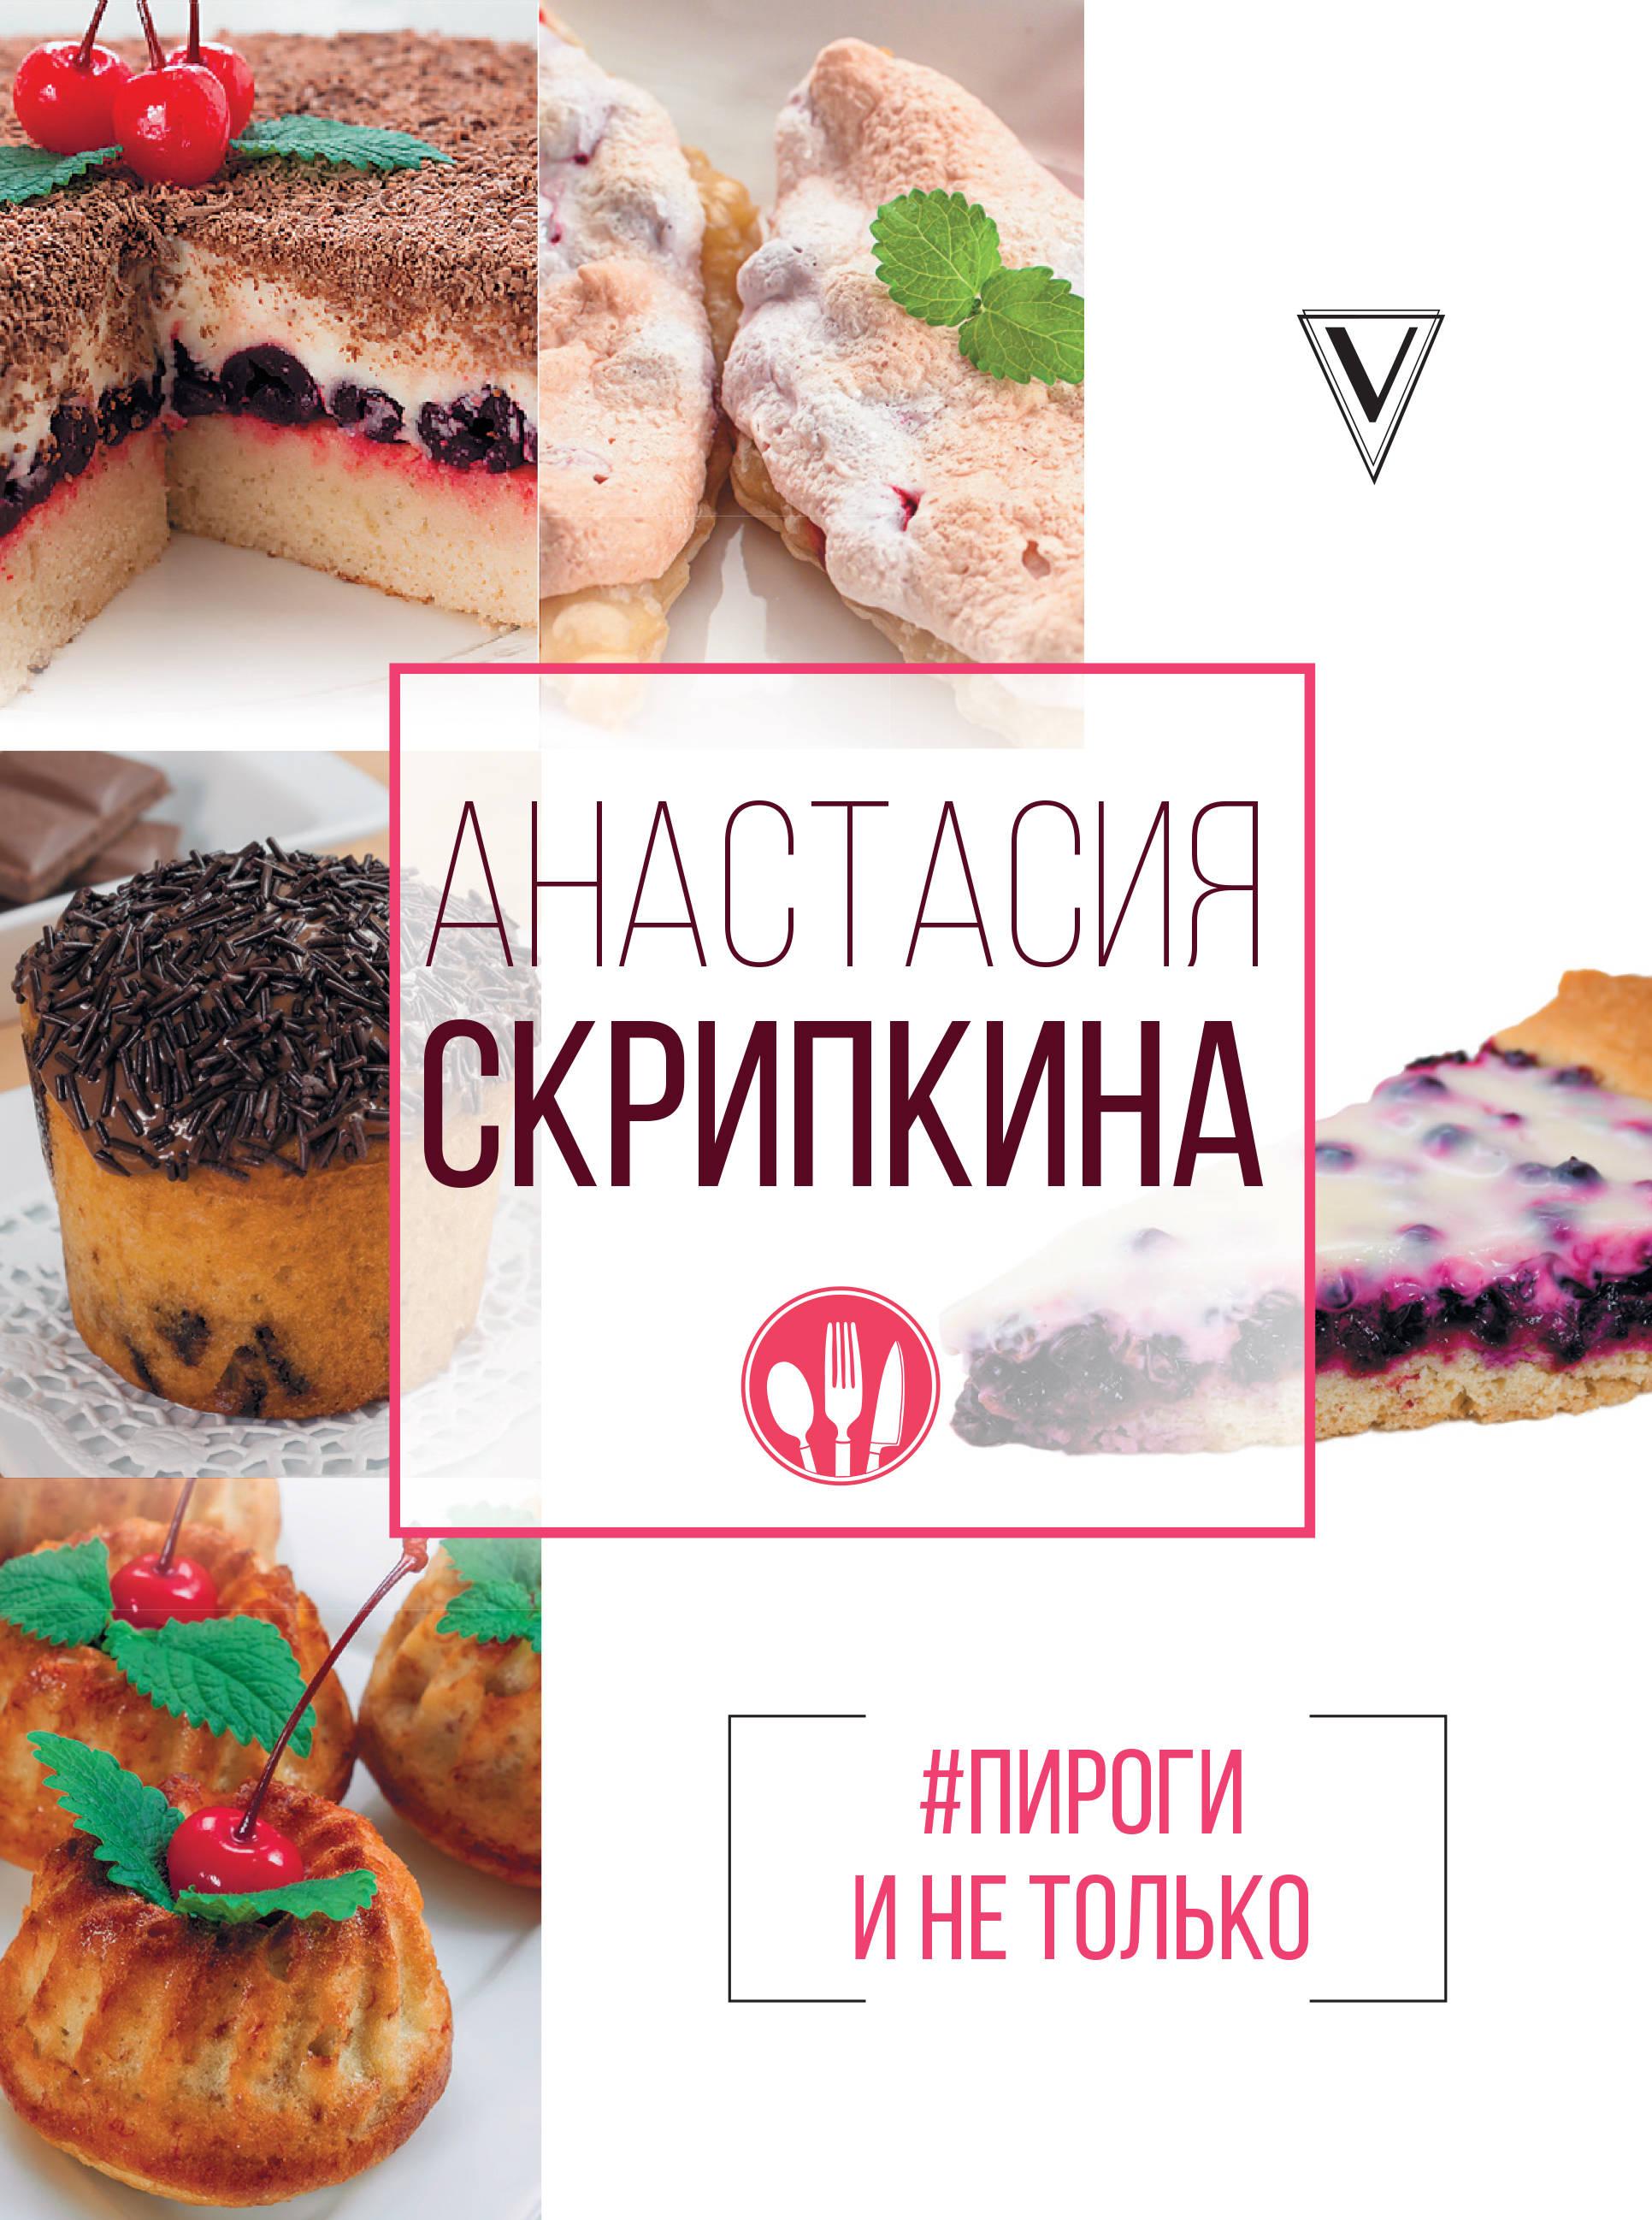 Скрипкина Анастасия Юрьевна. #Пироги и не только 0x0